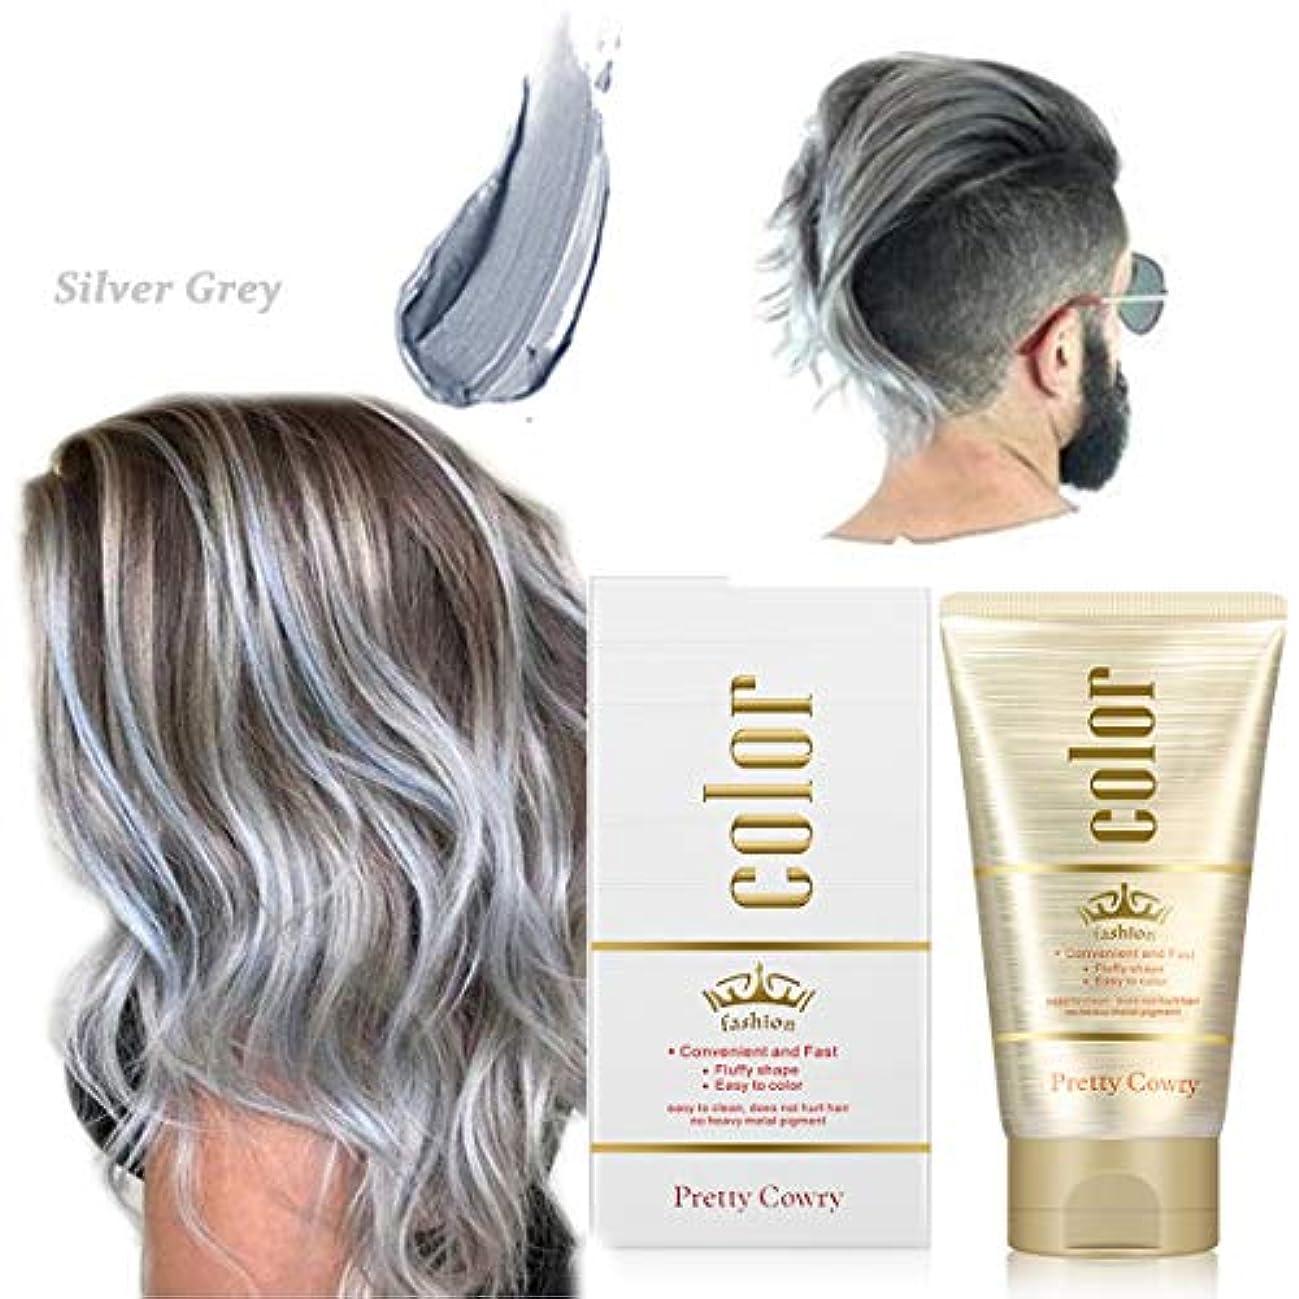 道料理文献染めヘアワックス、ワンタイムカラースタイリング、スタイリングカラーヘアワックス、ユニセックス9色、diyヘアカラーヘアパーティー、ロールプレイング (Sliver grey)